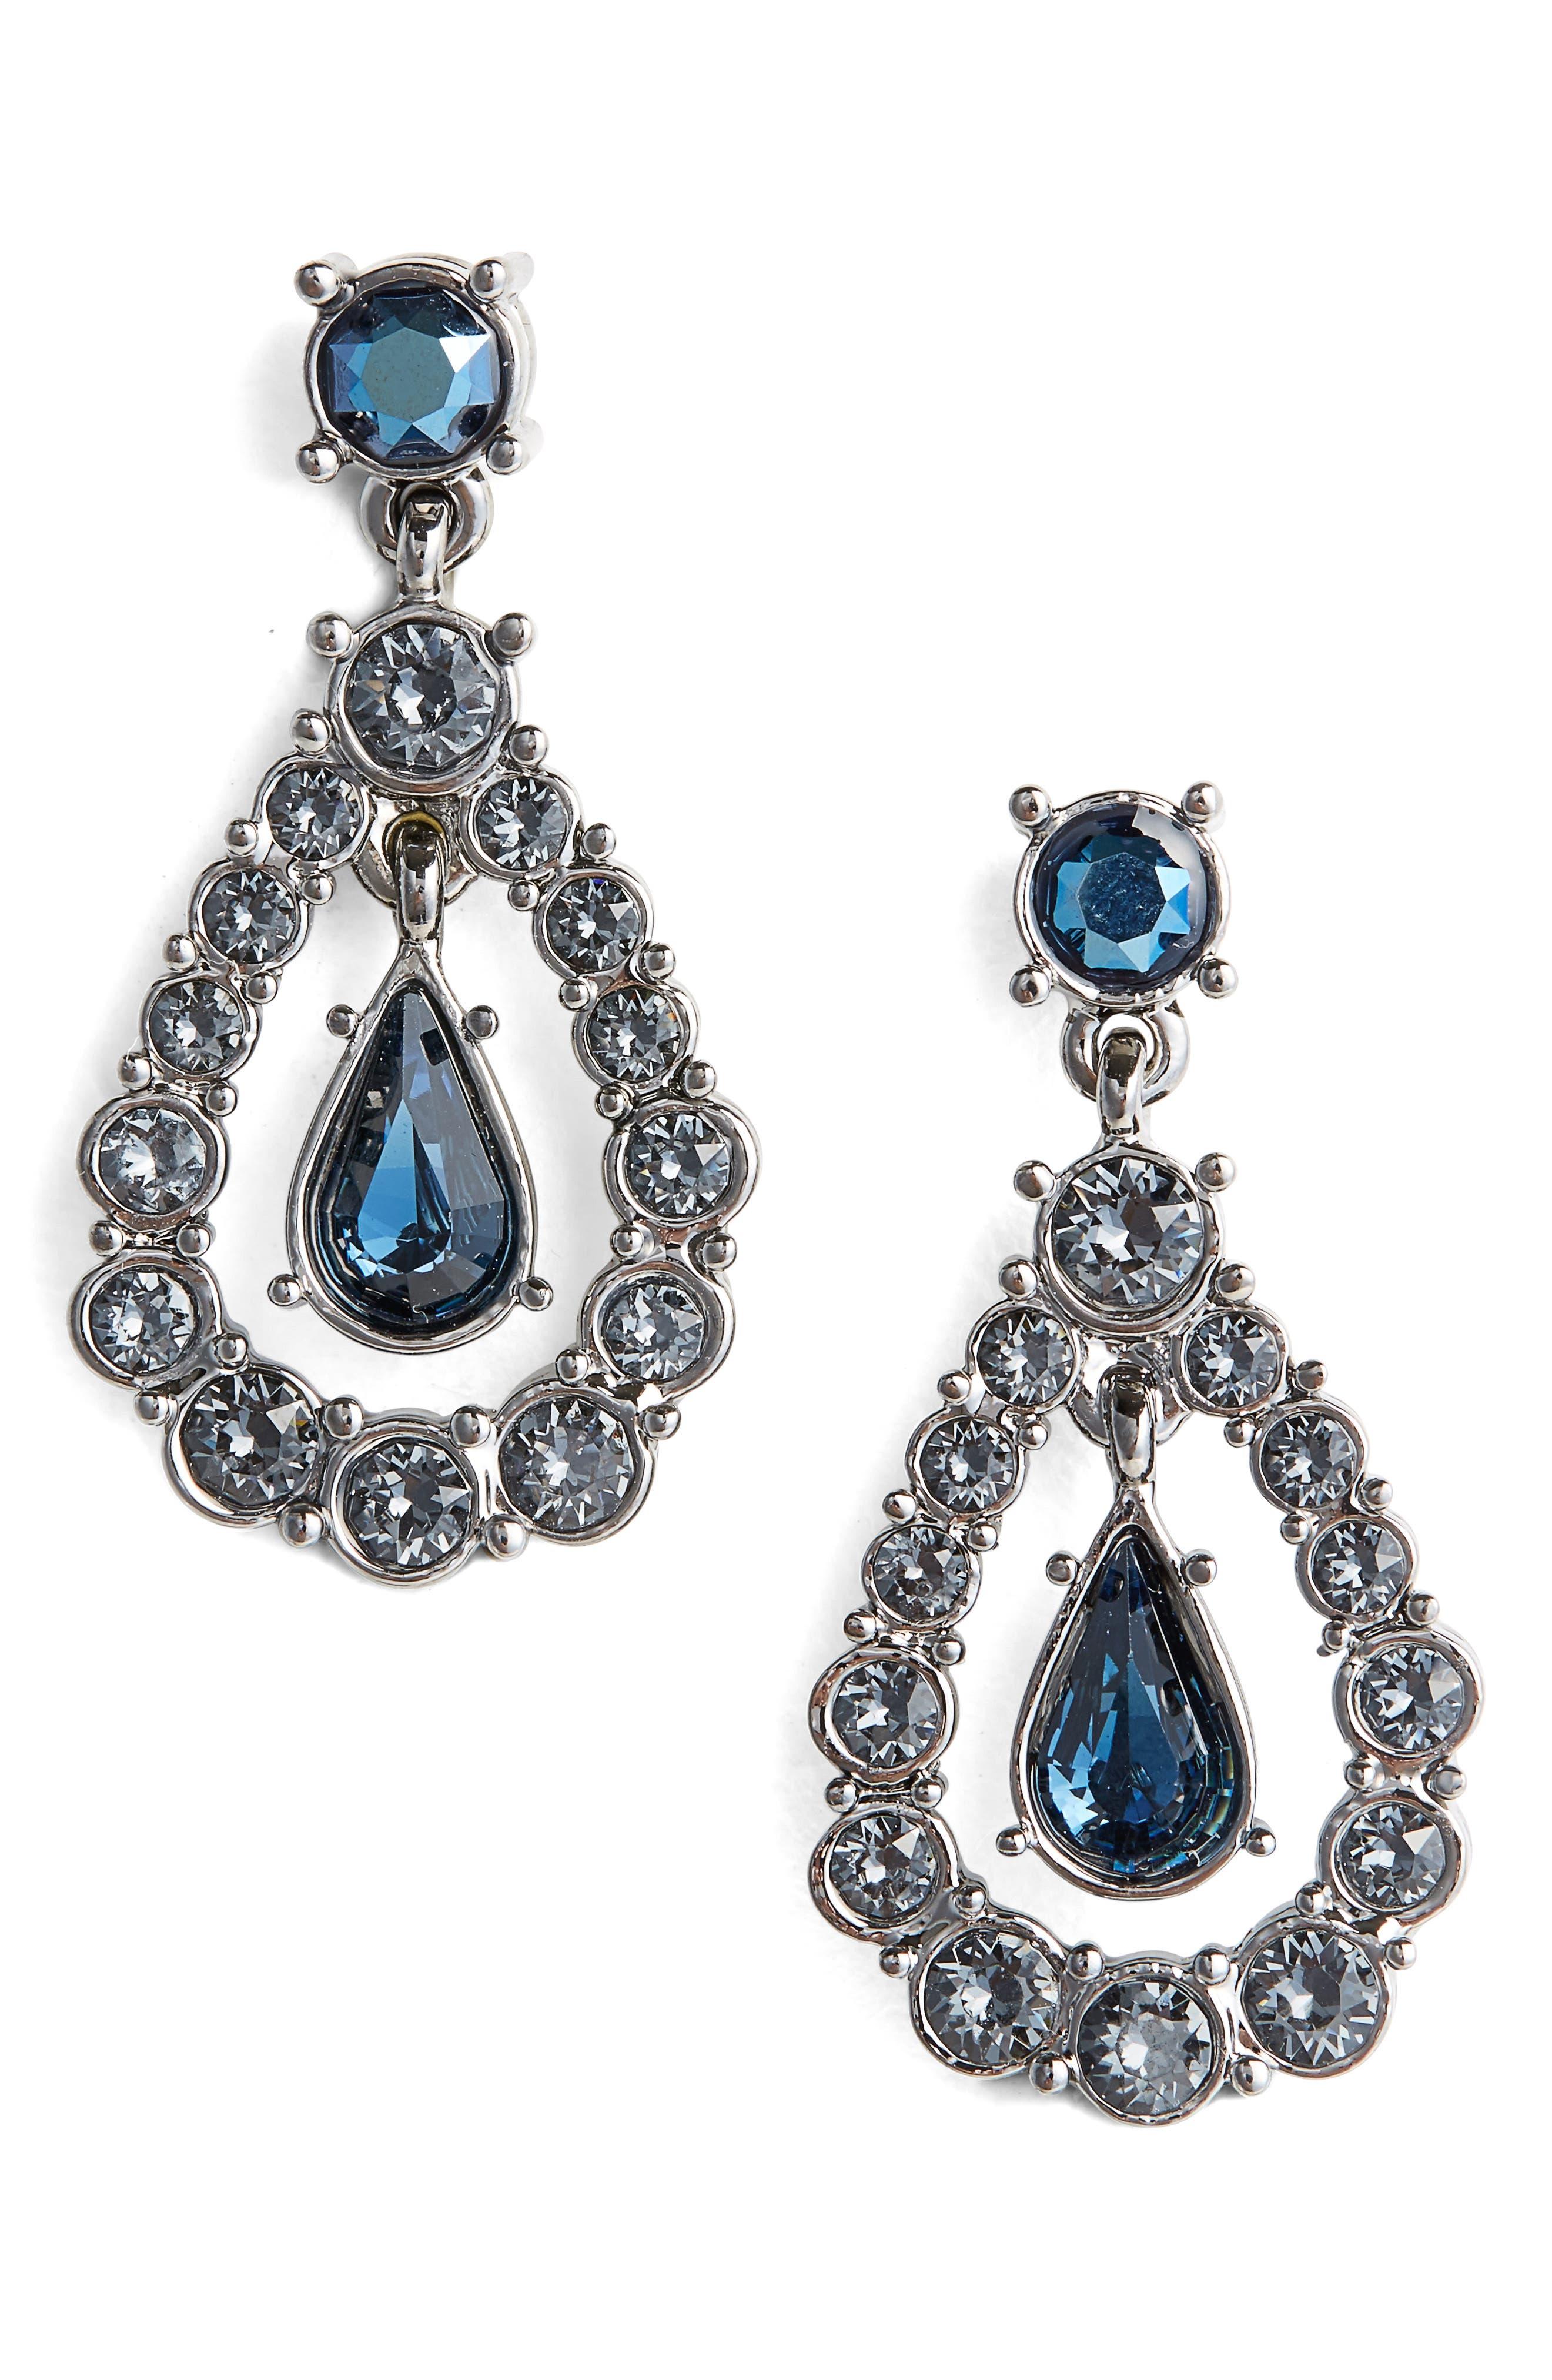 Swarovski Crystal Drop Earrings,                             Main thumbnail 1, color,                             Drk Ruth/Csn/Mont/Crys Met Blu